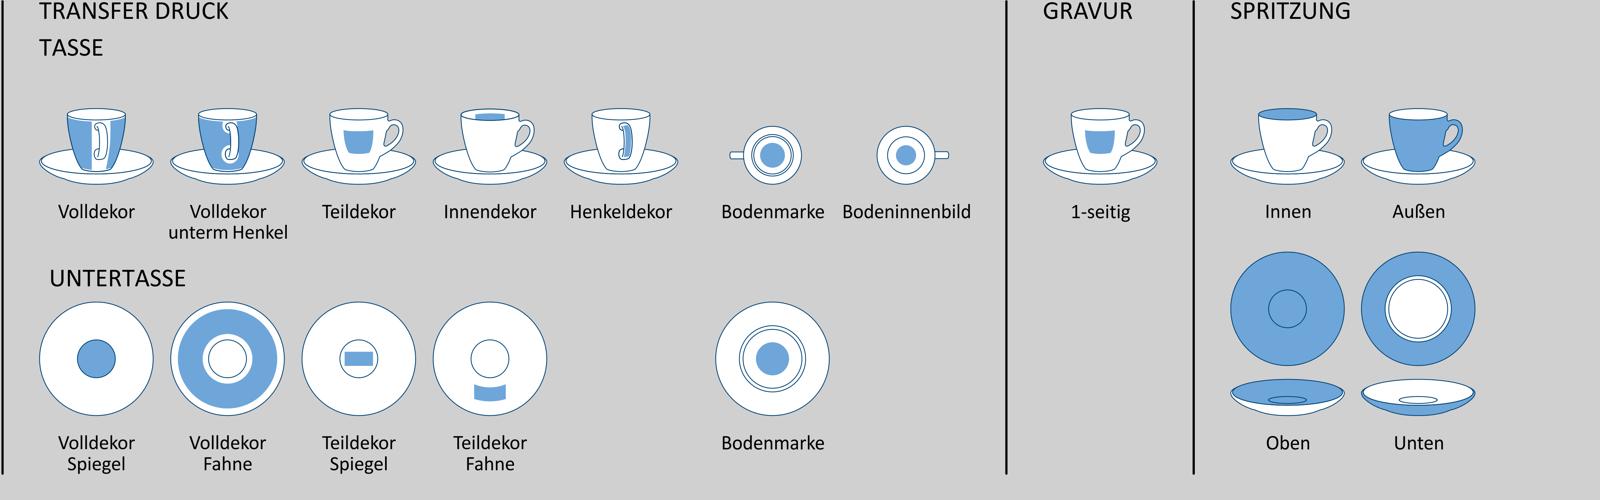 Individualisierung WESTMINSTER_Espresso d